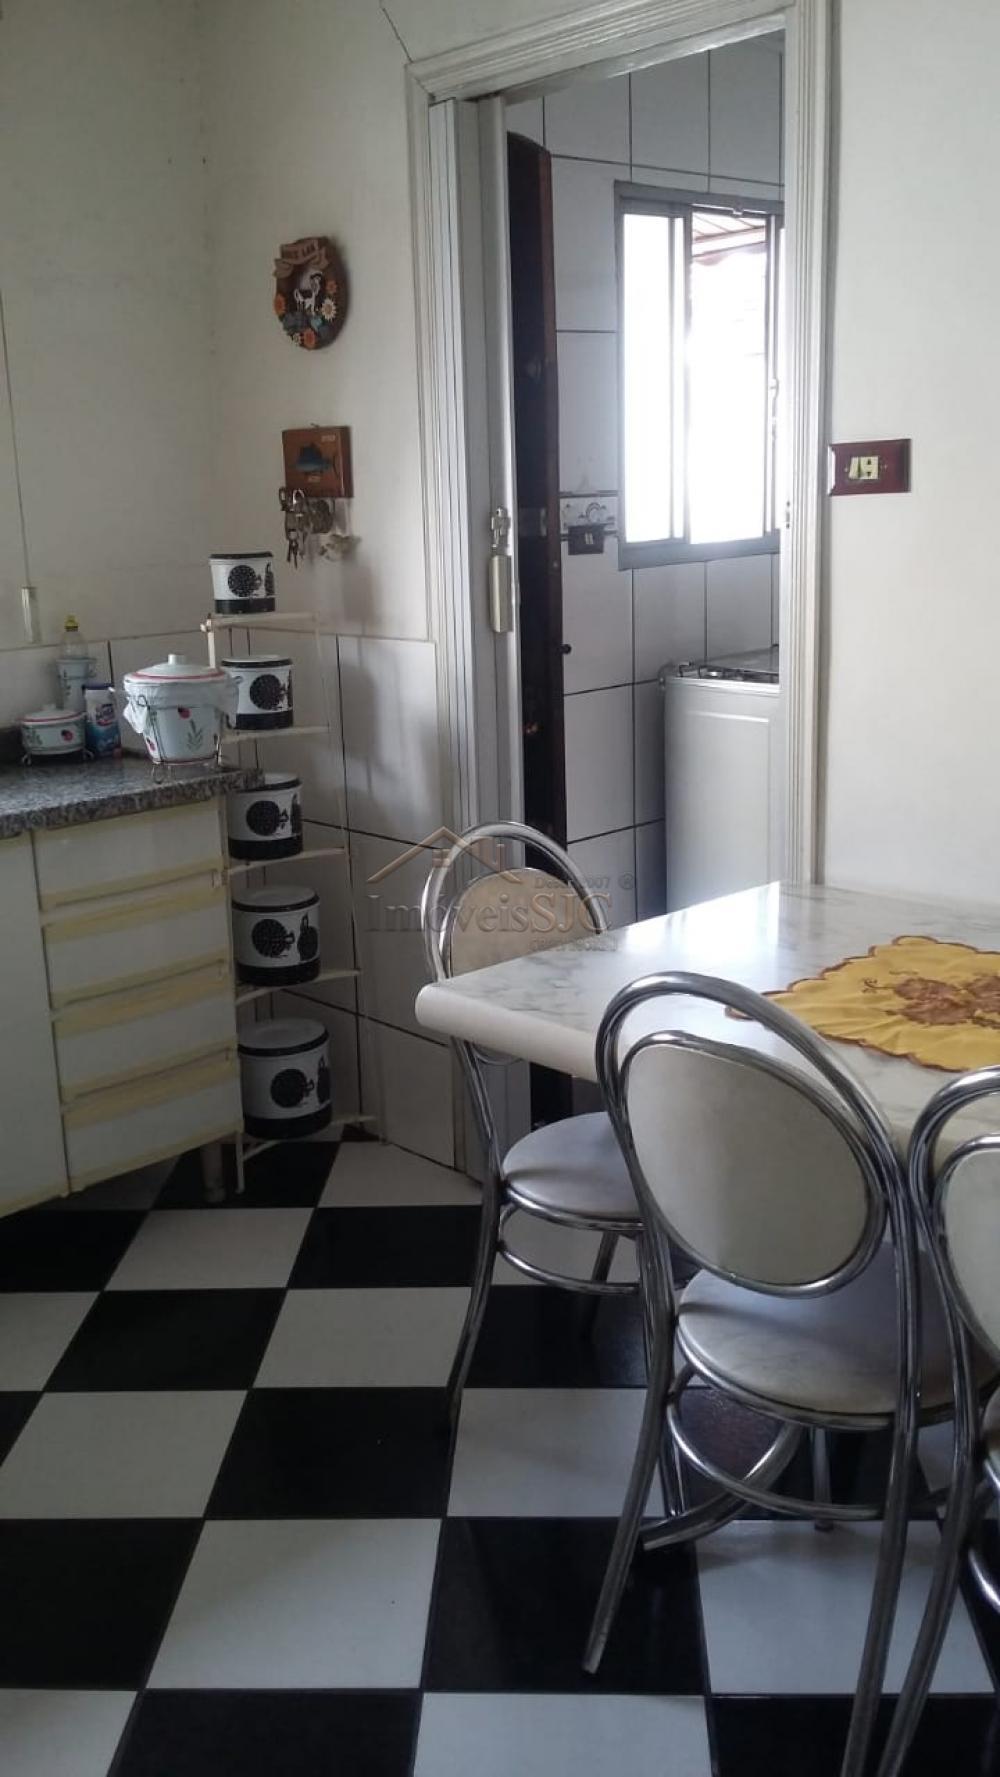 Comprar Casas / Padrão em São José dos Campos apenas R$ 400.000,00 - Foto 9